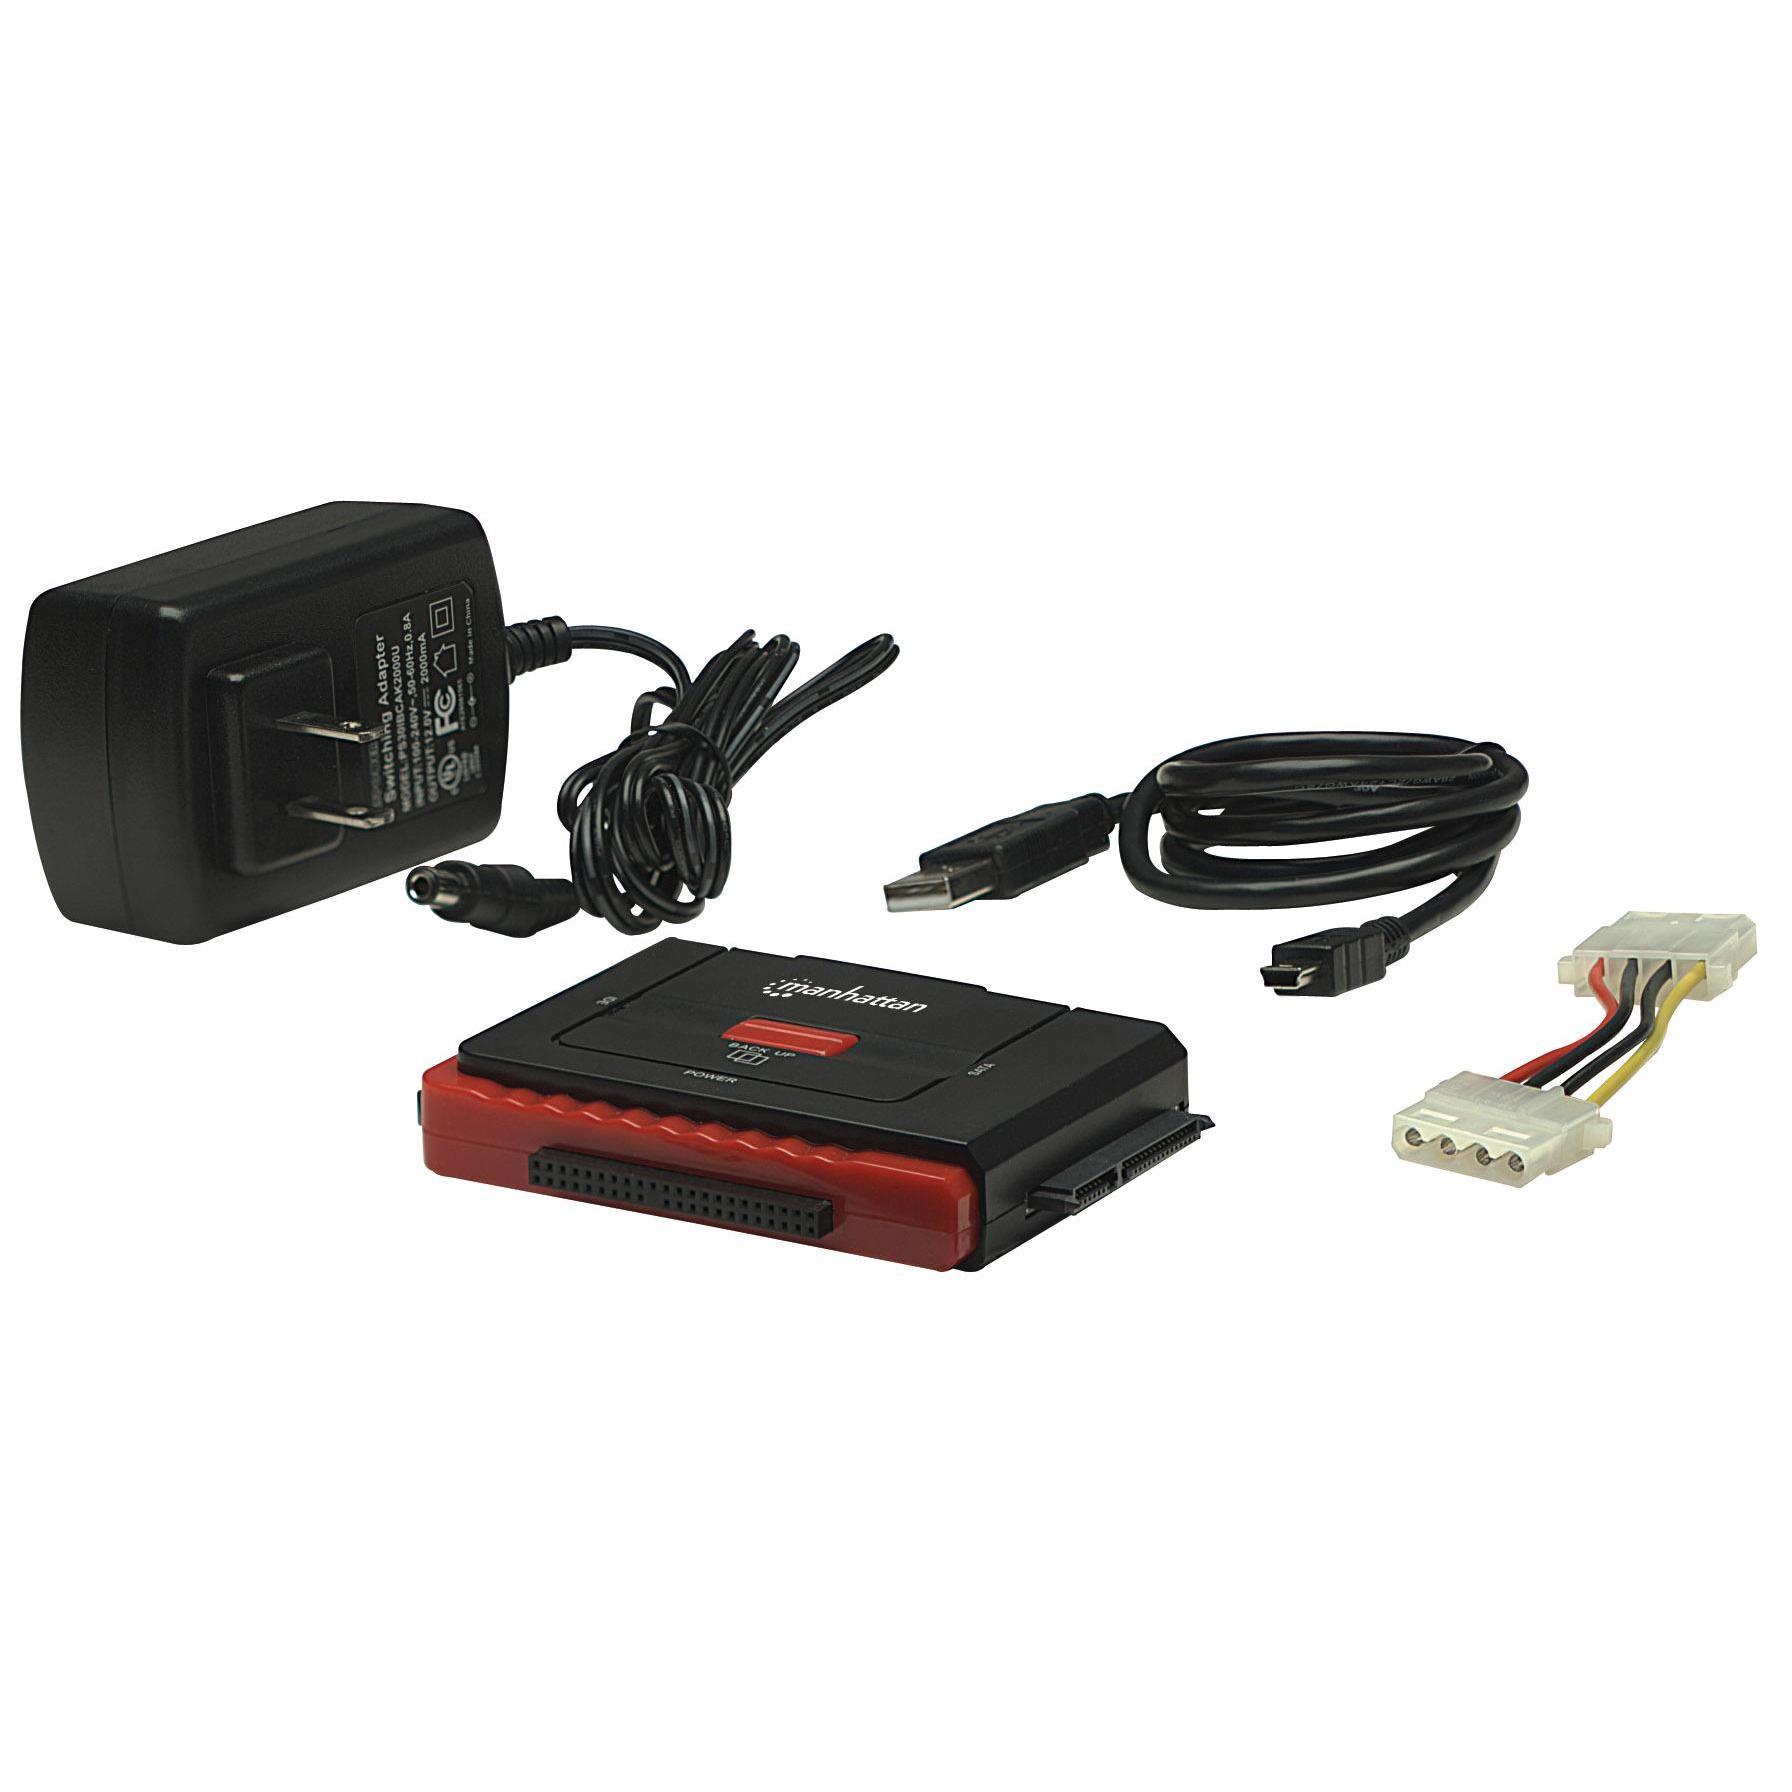 Adattatore USB 2.0 Hi-Speed a SATA/IDE